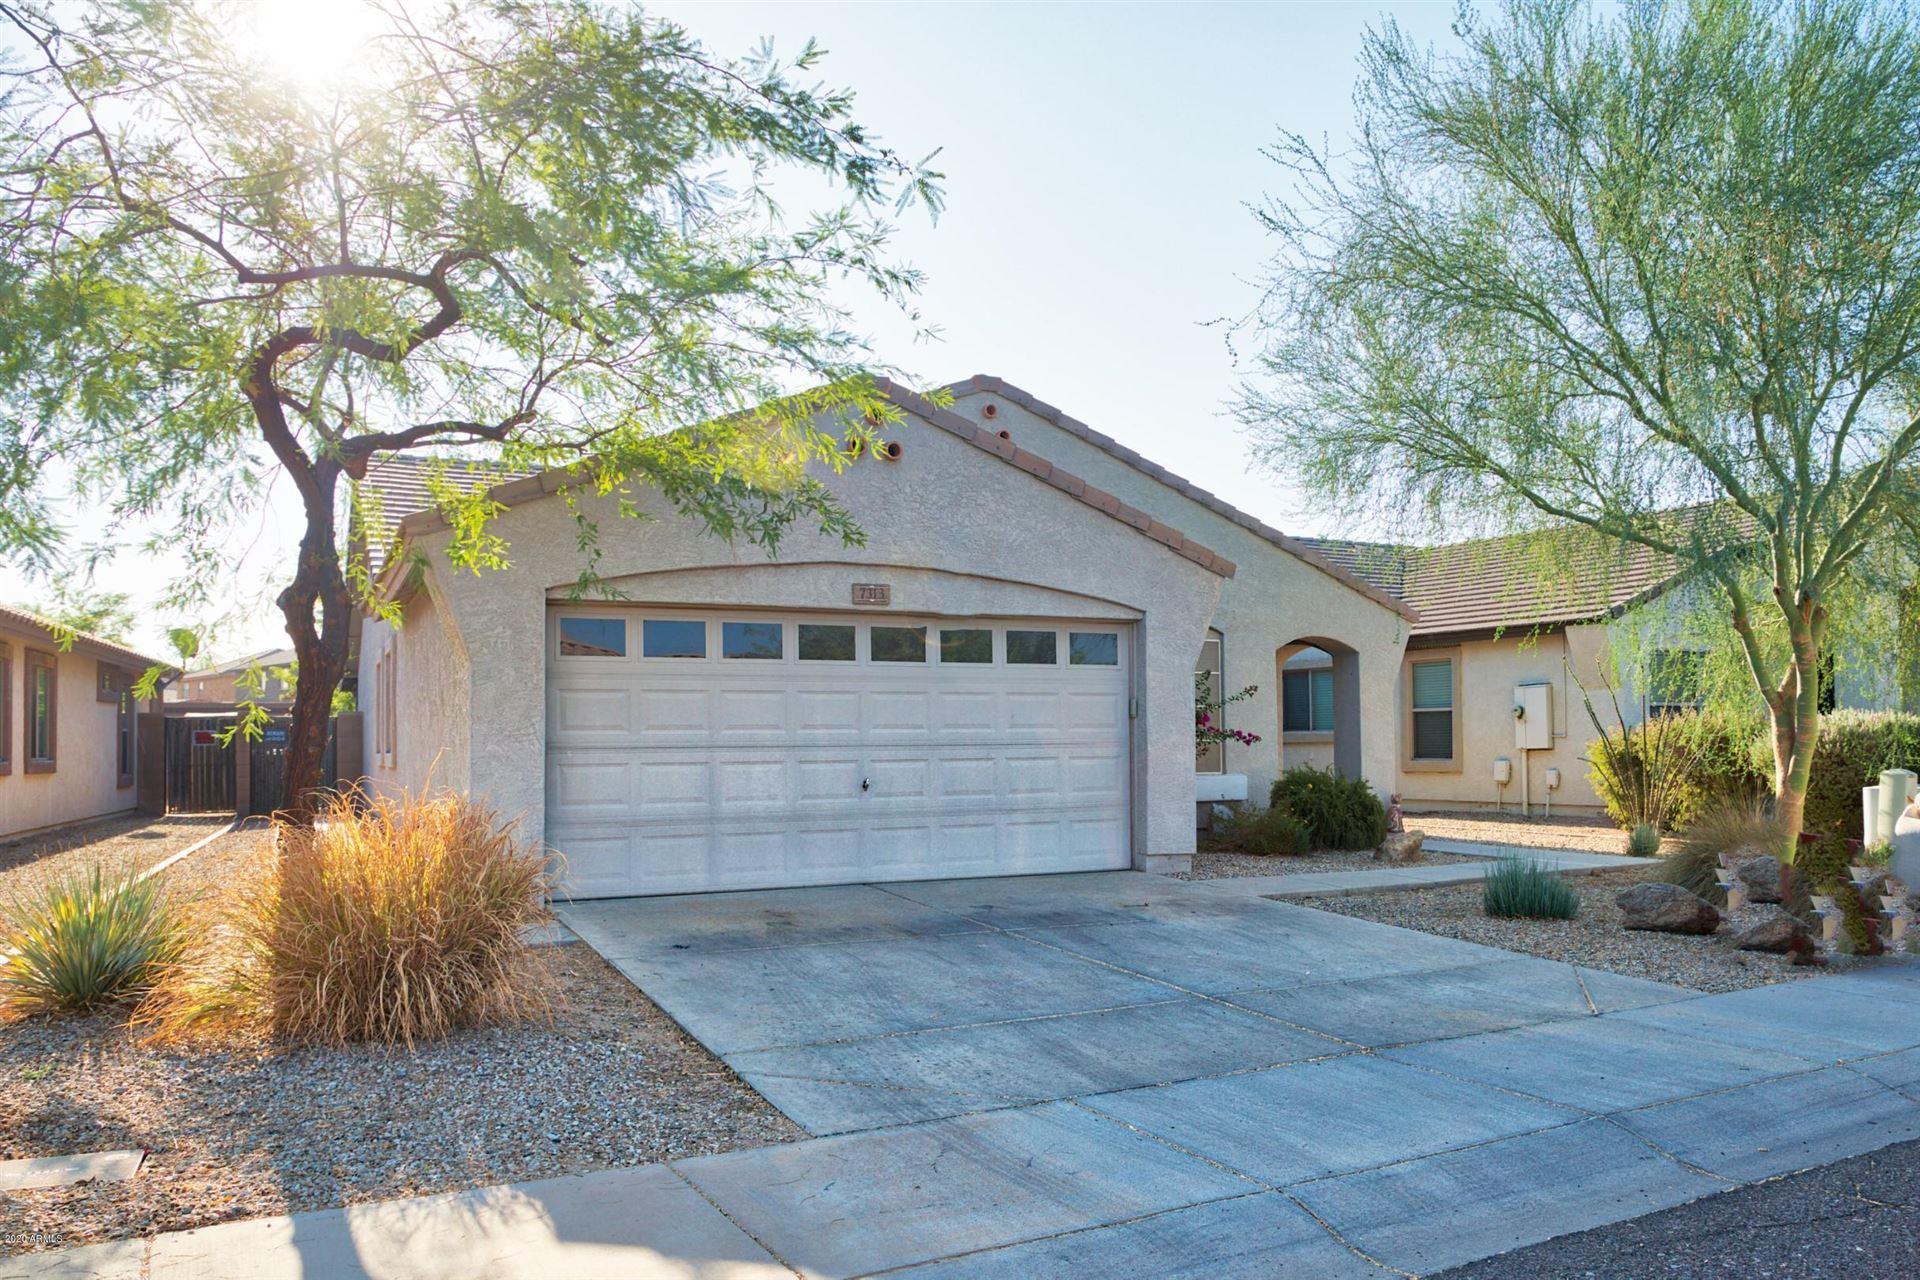 7313 S 31ST Drive, Phoenix, AZ 85041 - MLS#: 6138185